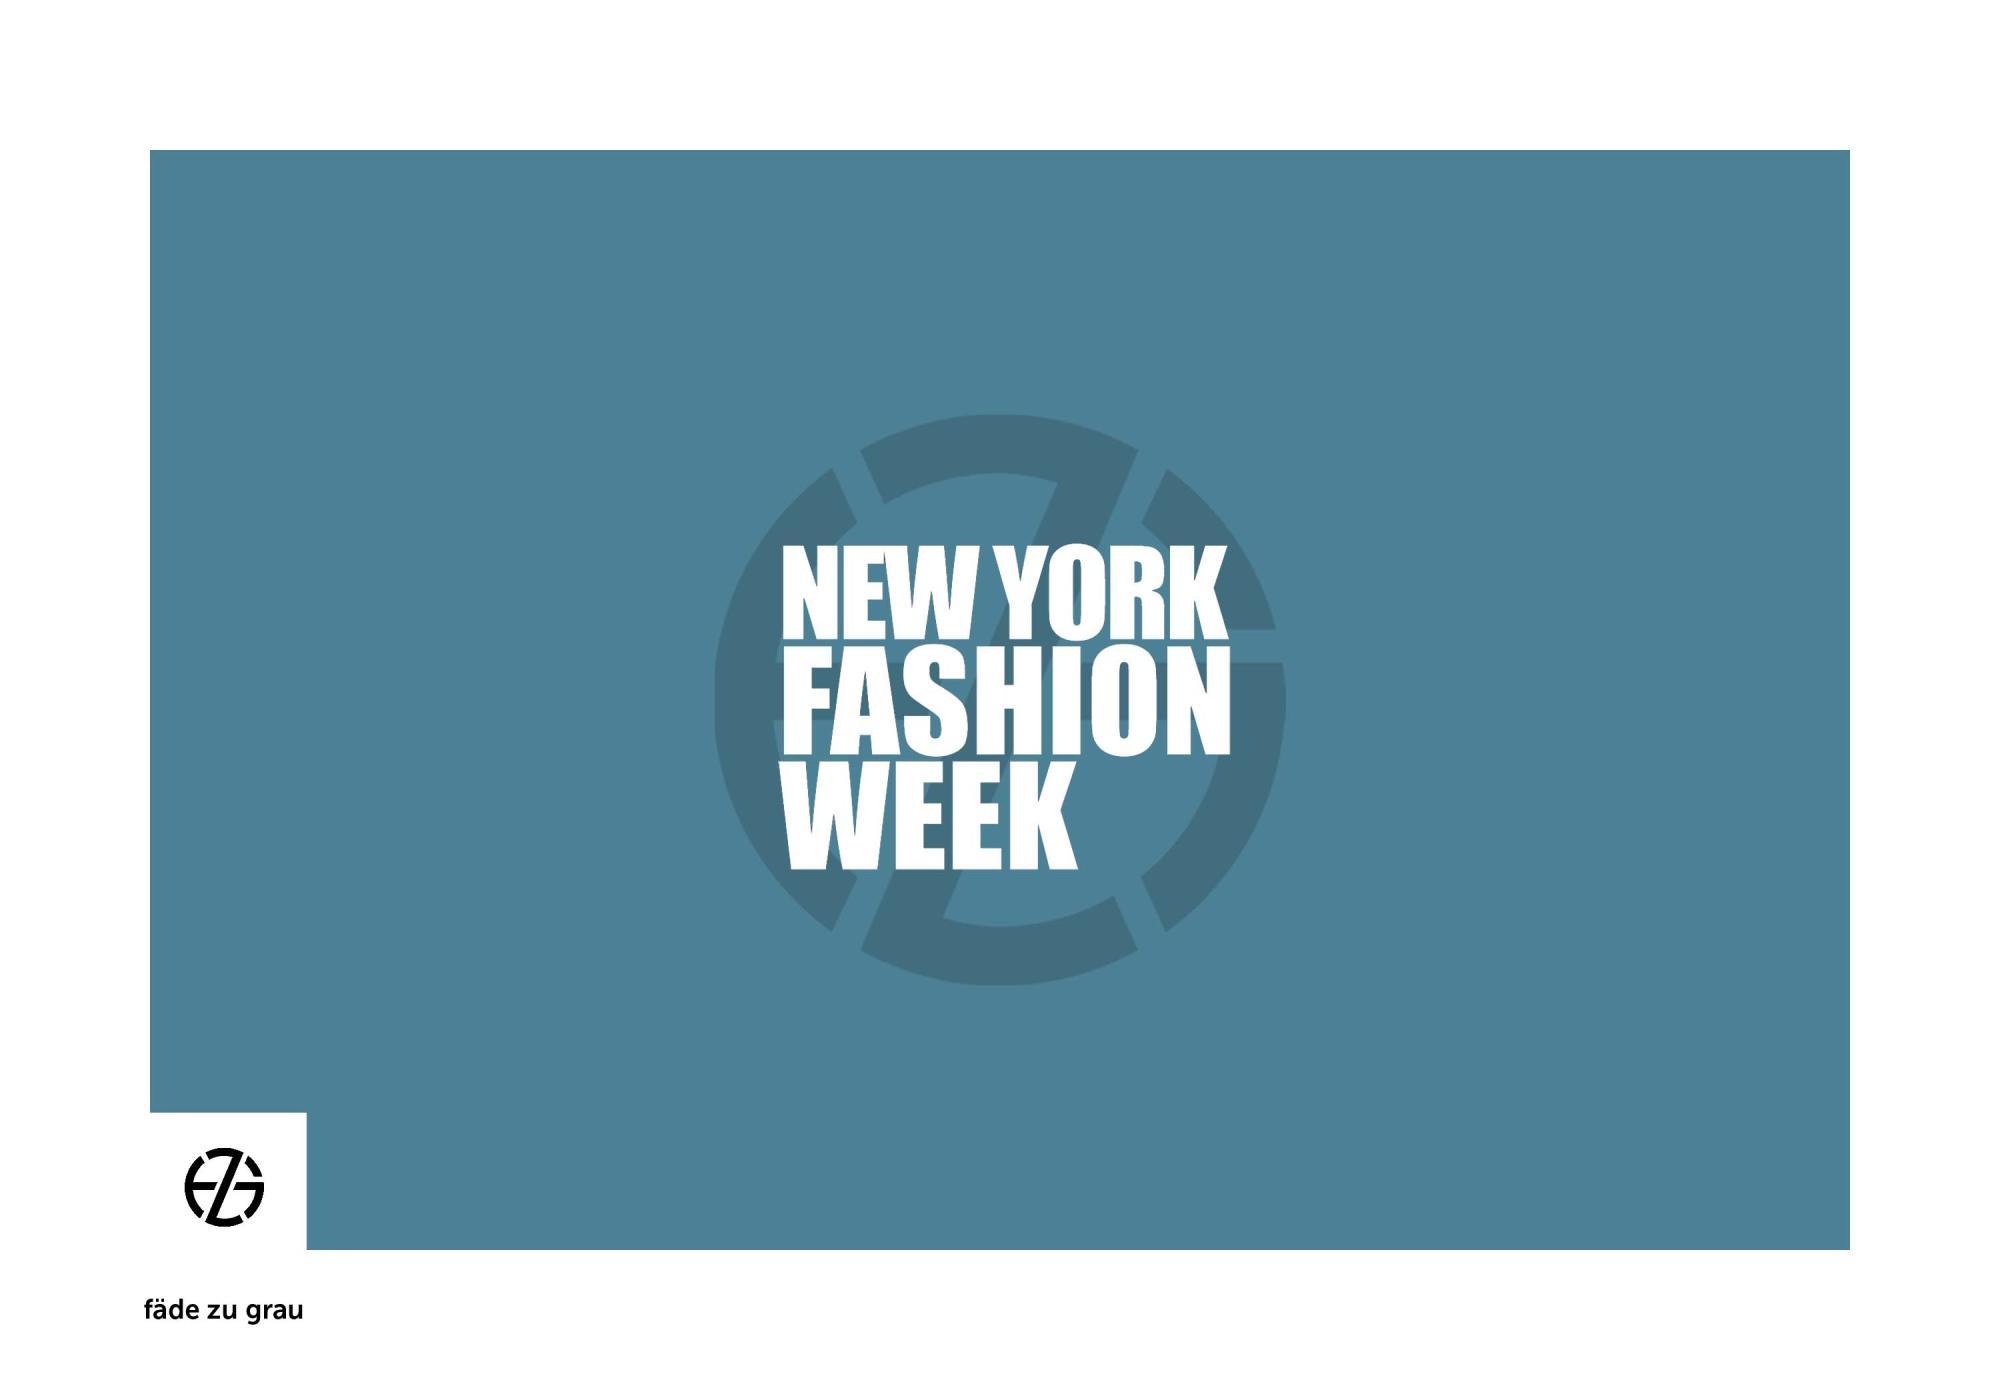 fäde zu grau | logo 'new york fashion week'